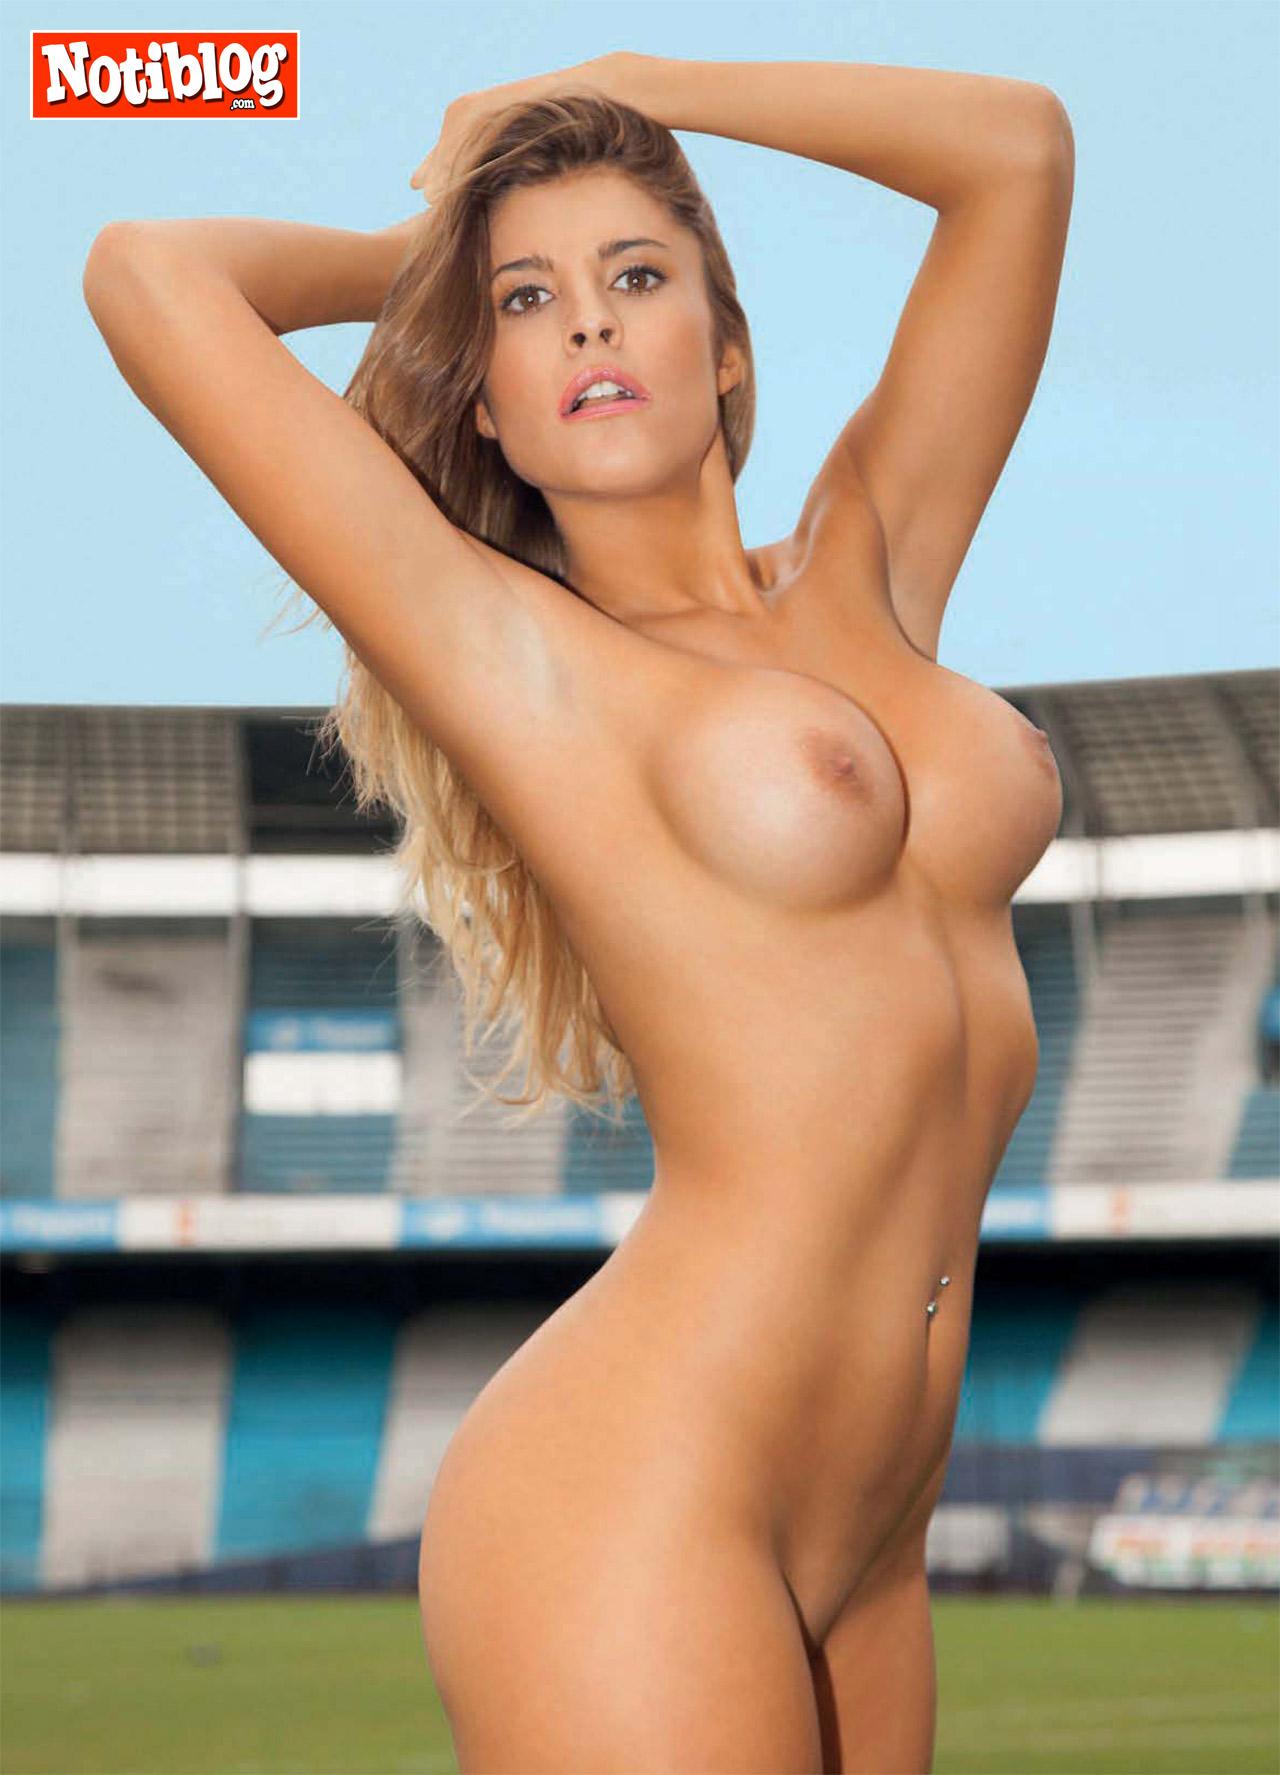 Holly de las chicas de al lado desnuda